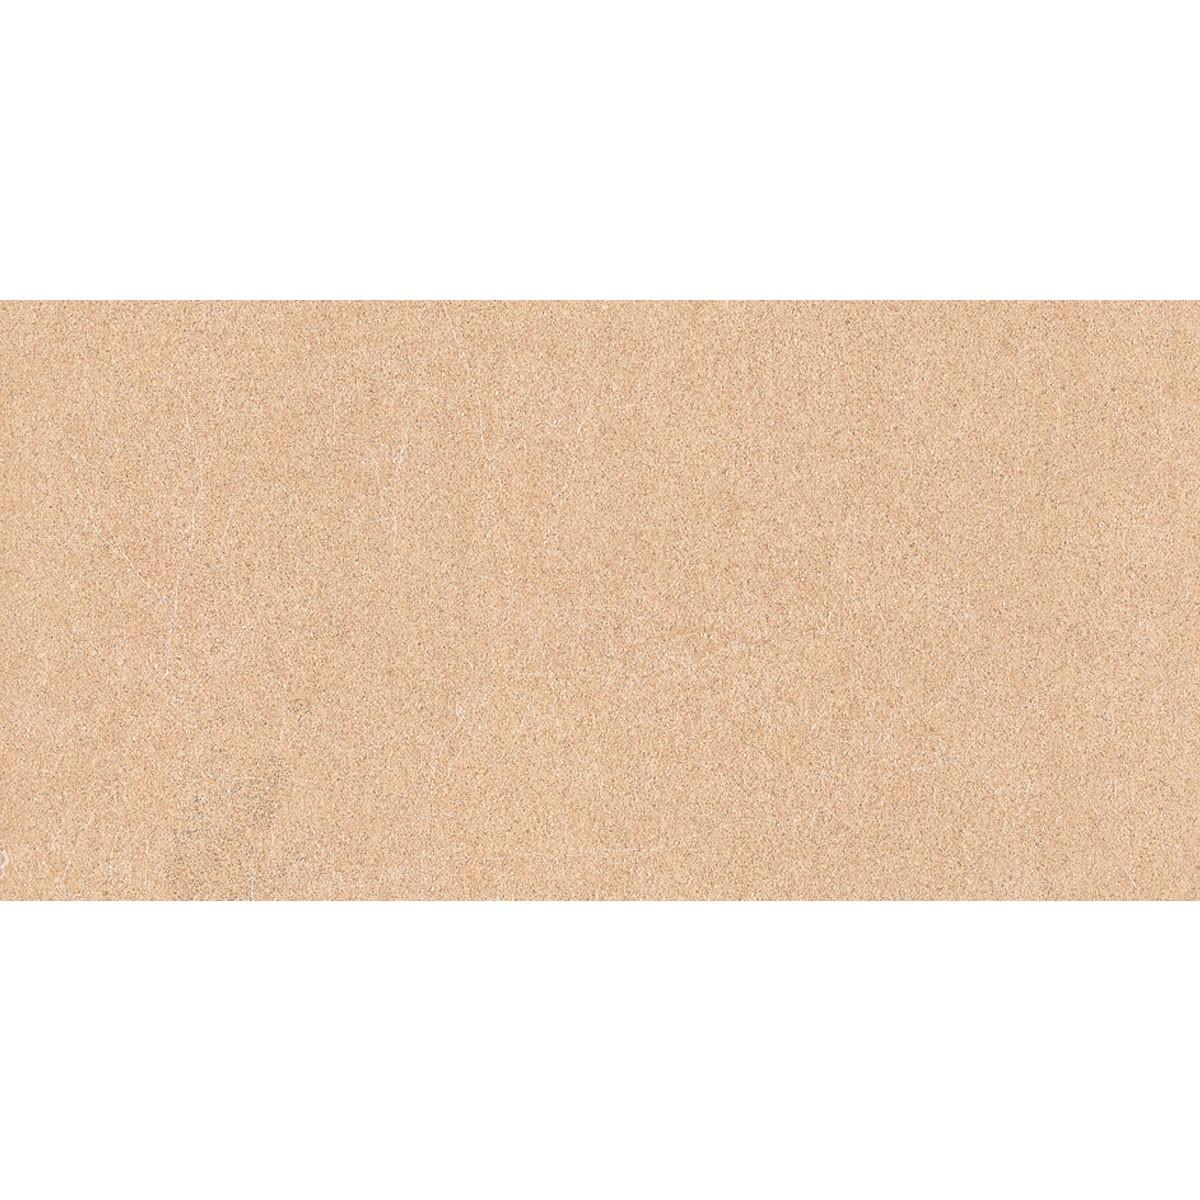 24 x 12 po Carreau de Sol Beige - 8 Pcs/Boîte (15.50 sq.ft/Boîte) (BS60B)